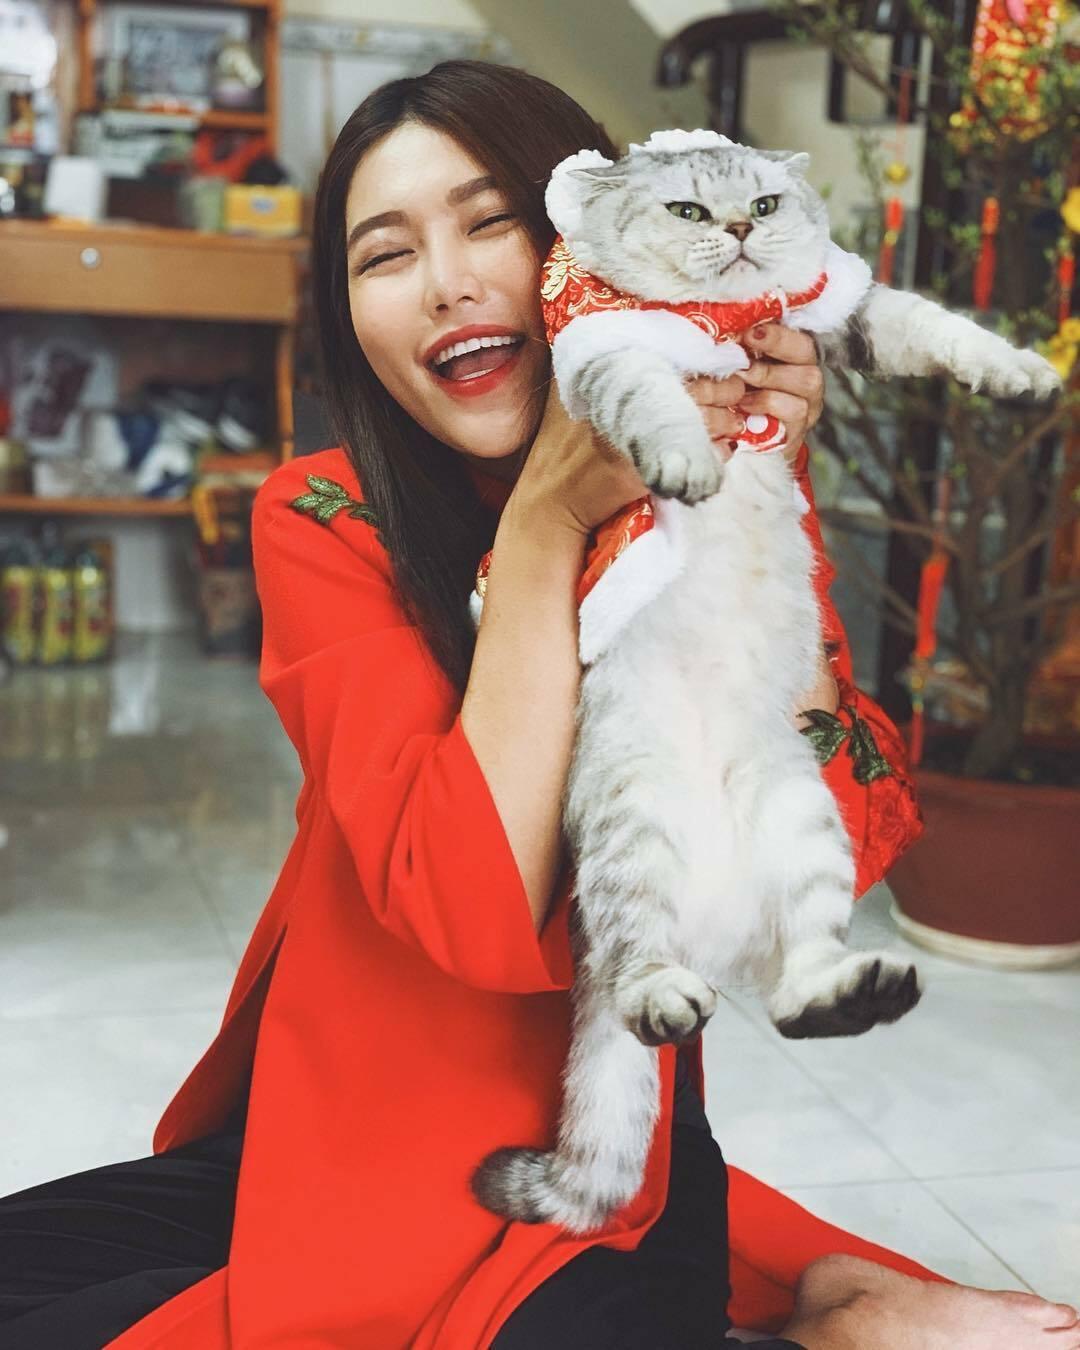 Lucy đã ở bên Quỳnh Châu được 4 năm và được cô gọi là con gái cưng. Lucy là giống mèo Anh lông ngắn, hiện nặng 4 kg.